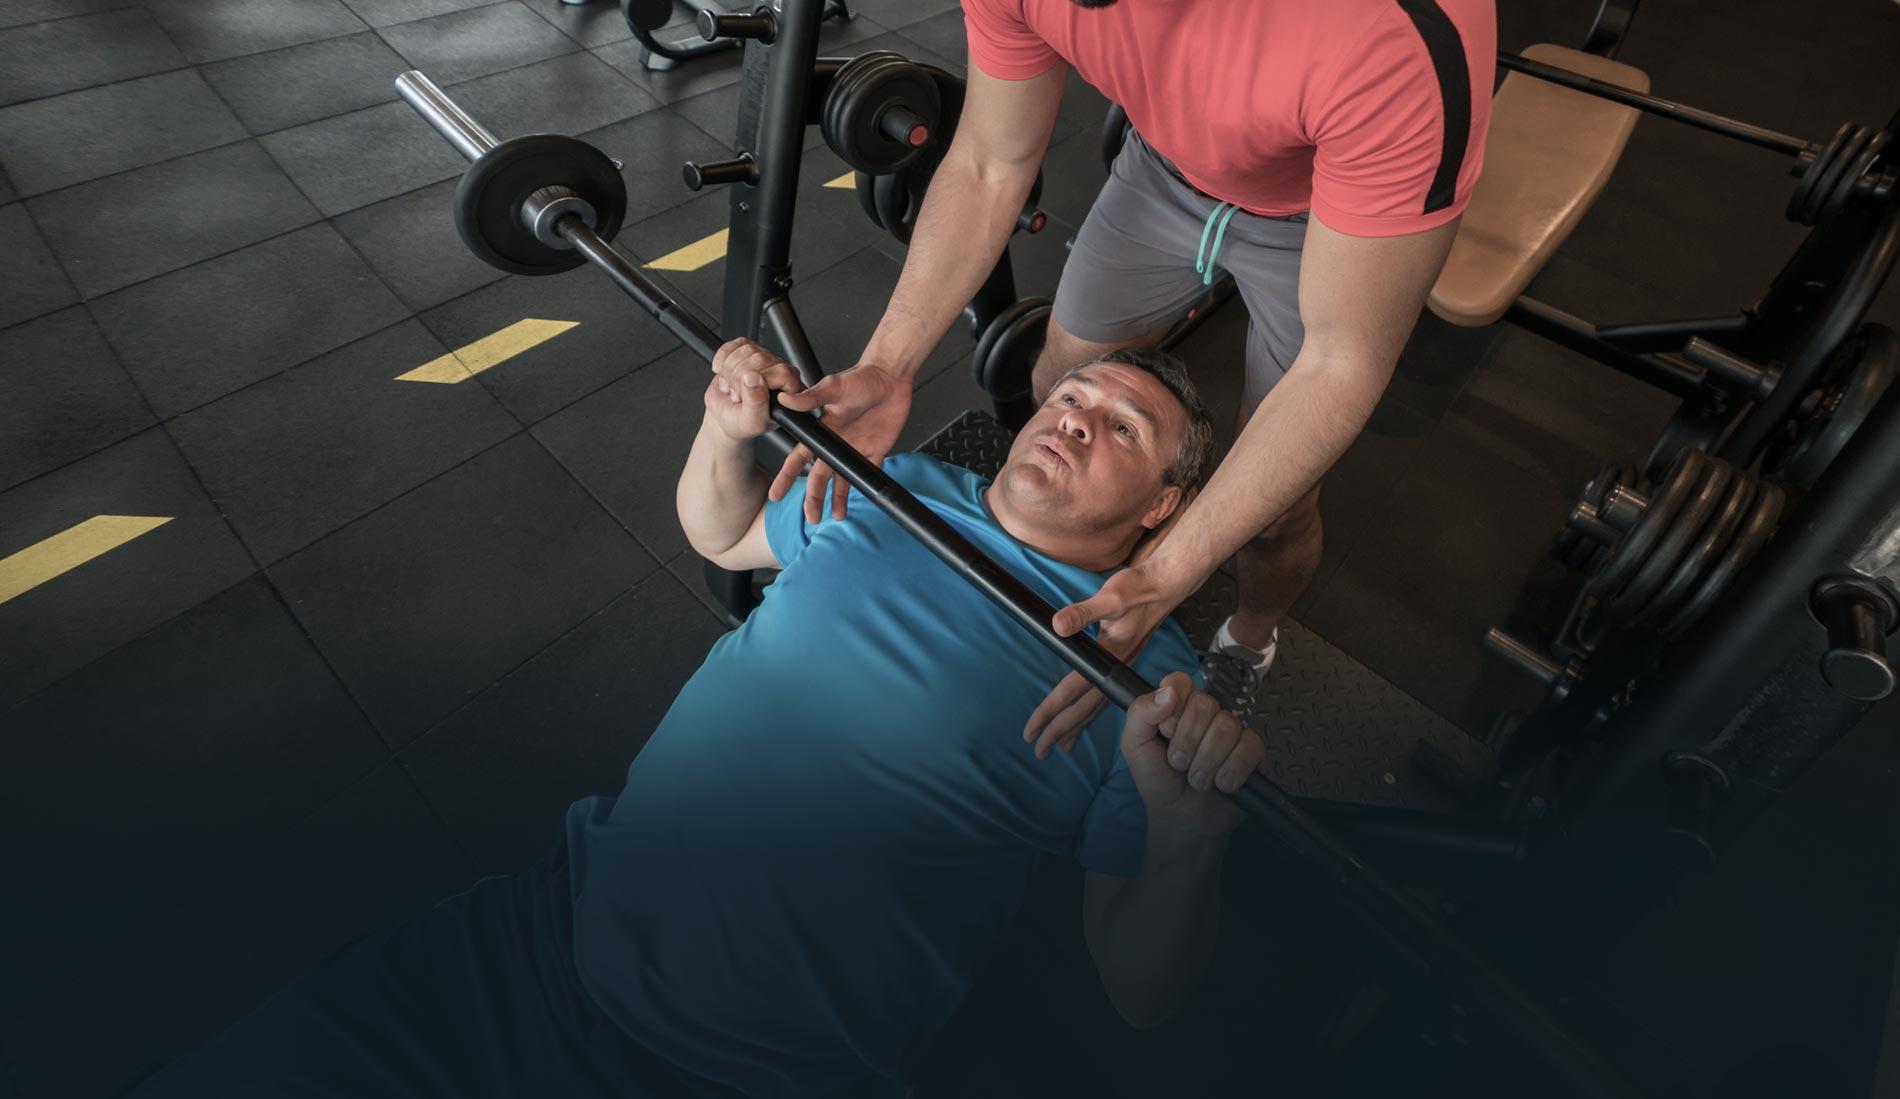 gyms in edmond ok